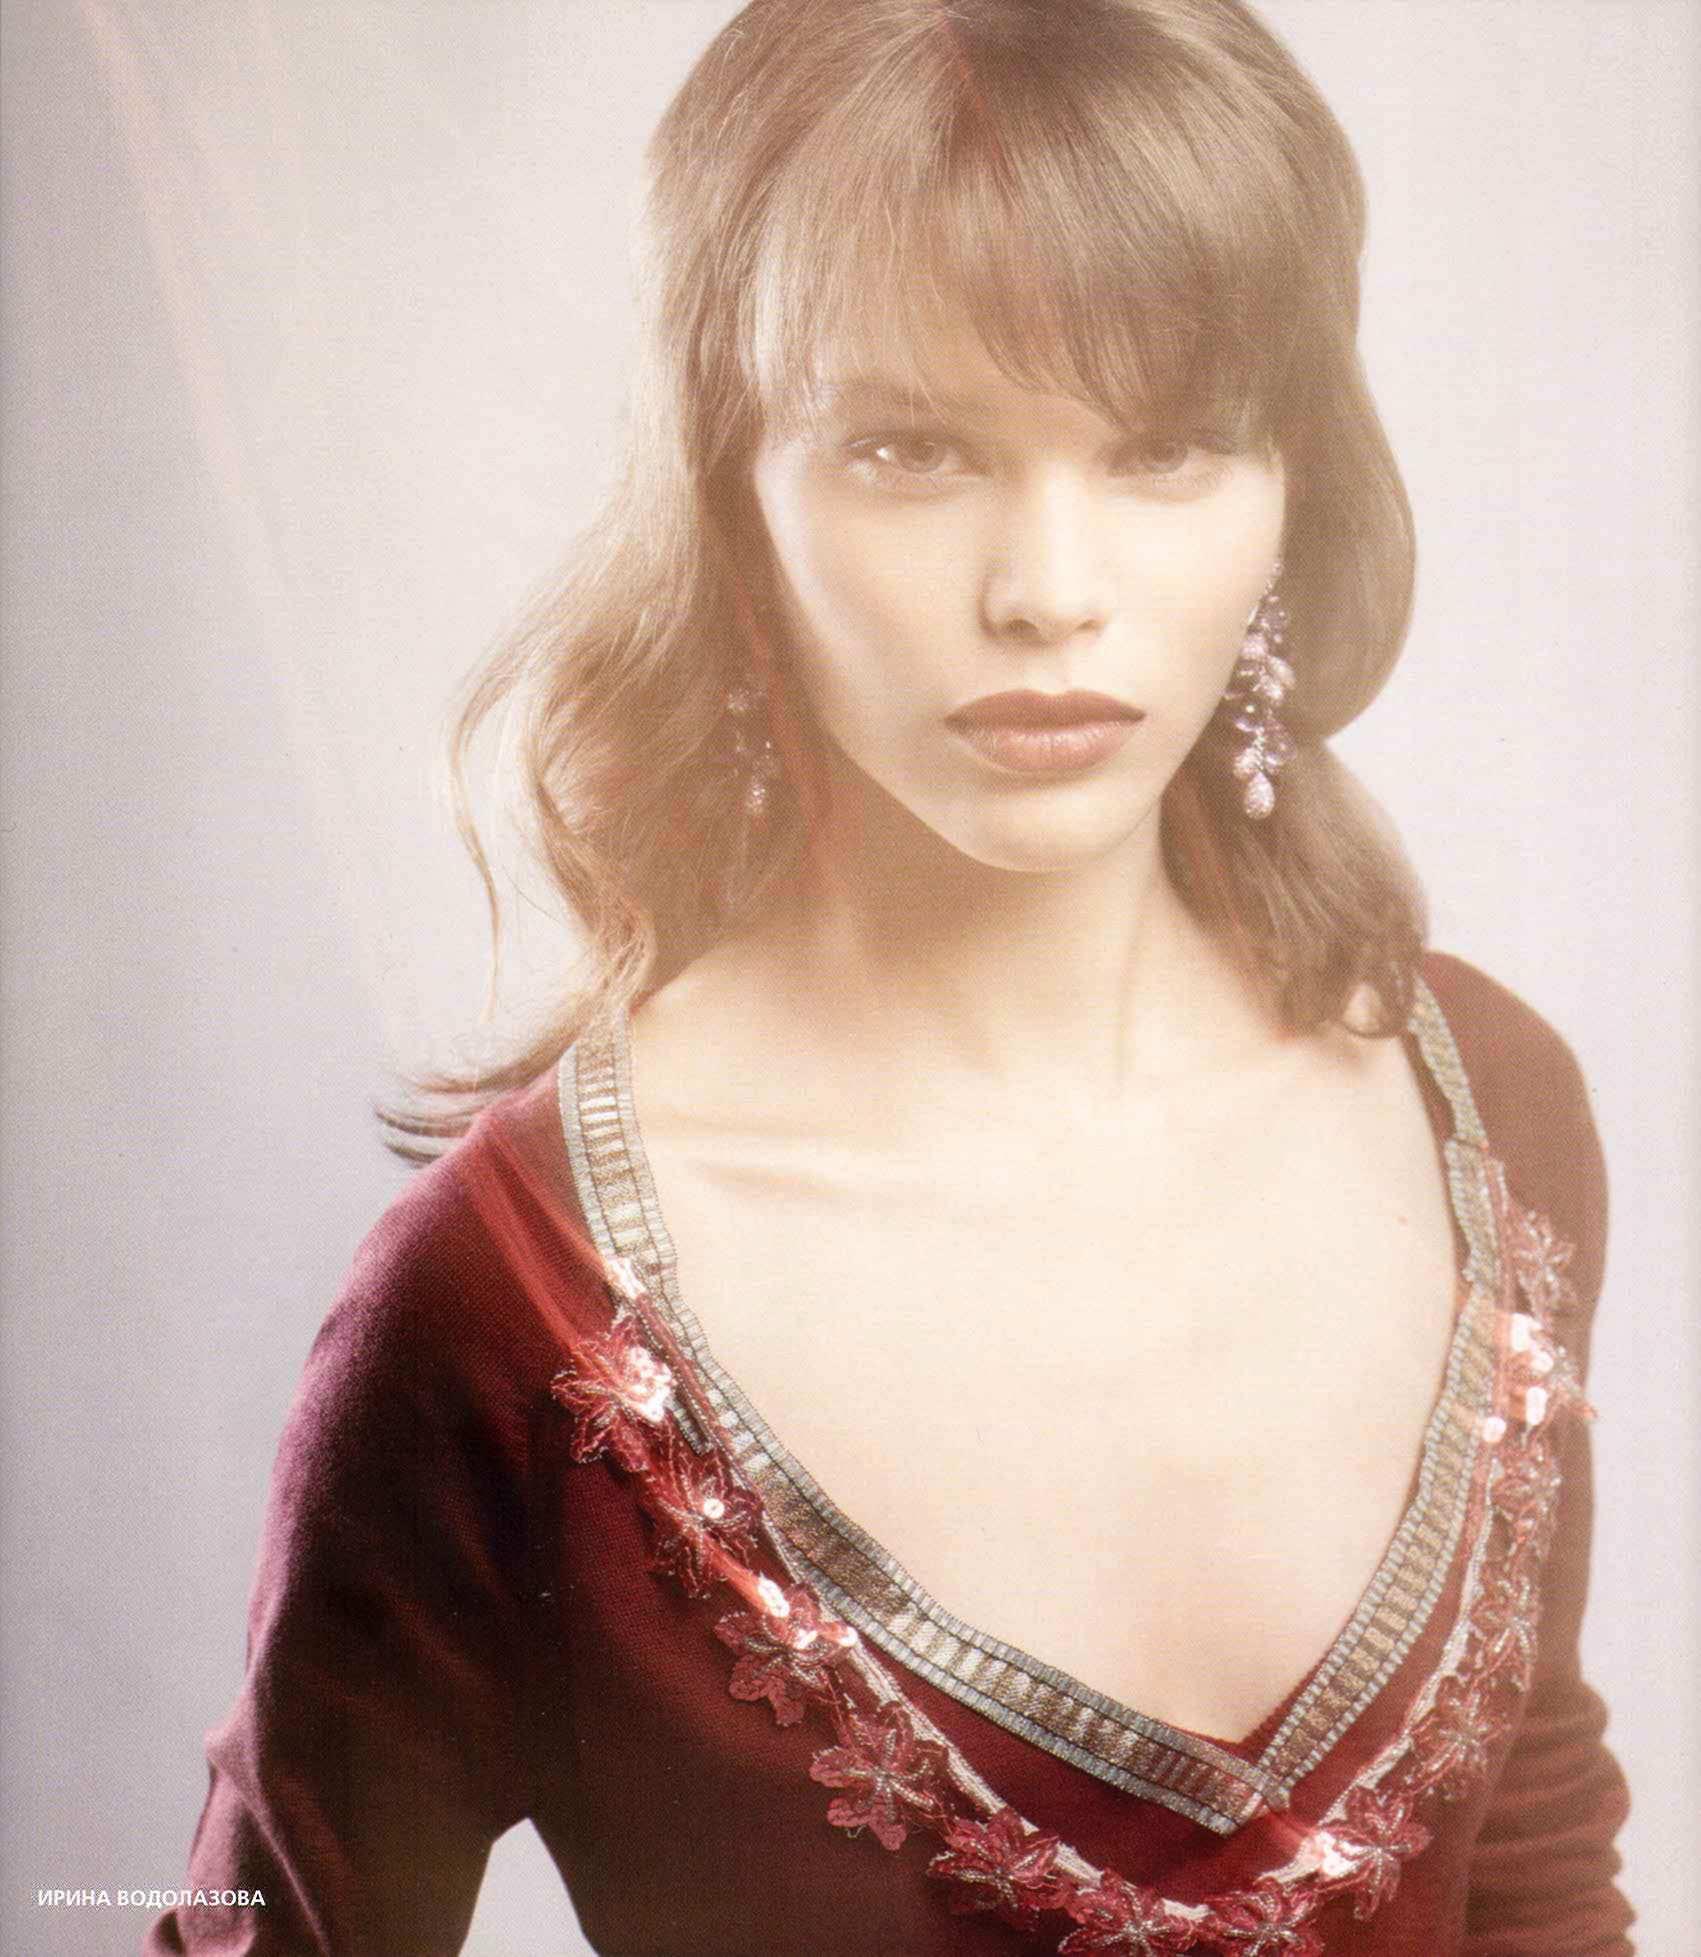 Irina Vodolazova for Anna Riska campaign - IQ Models Agency